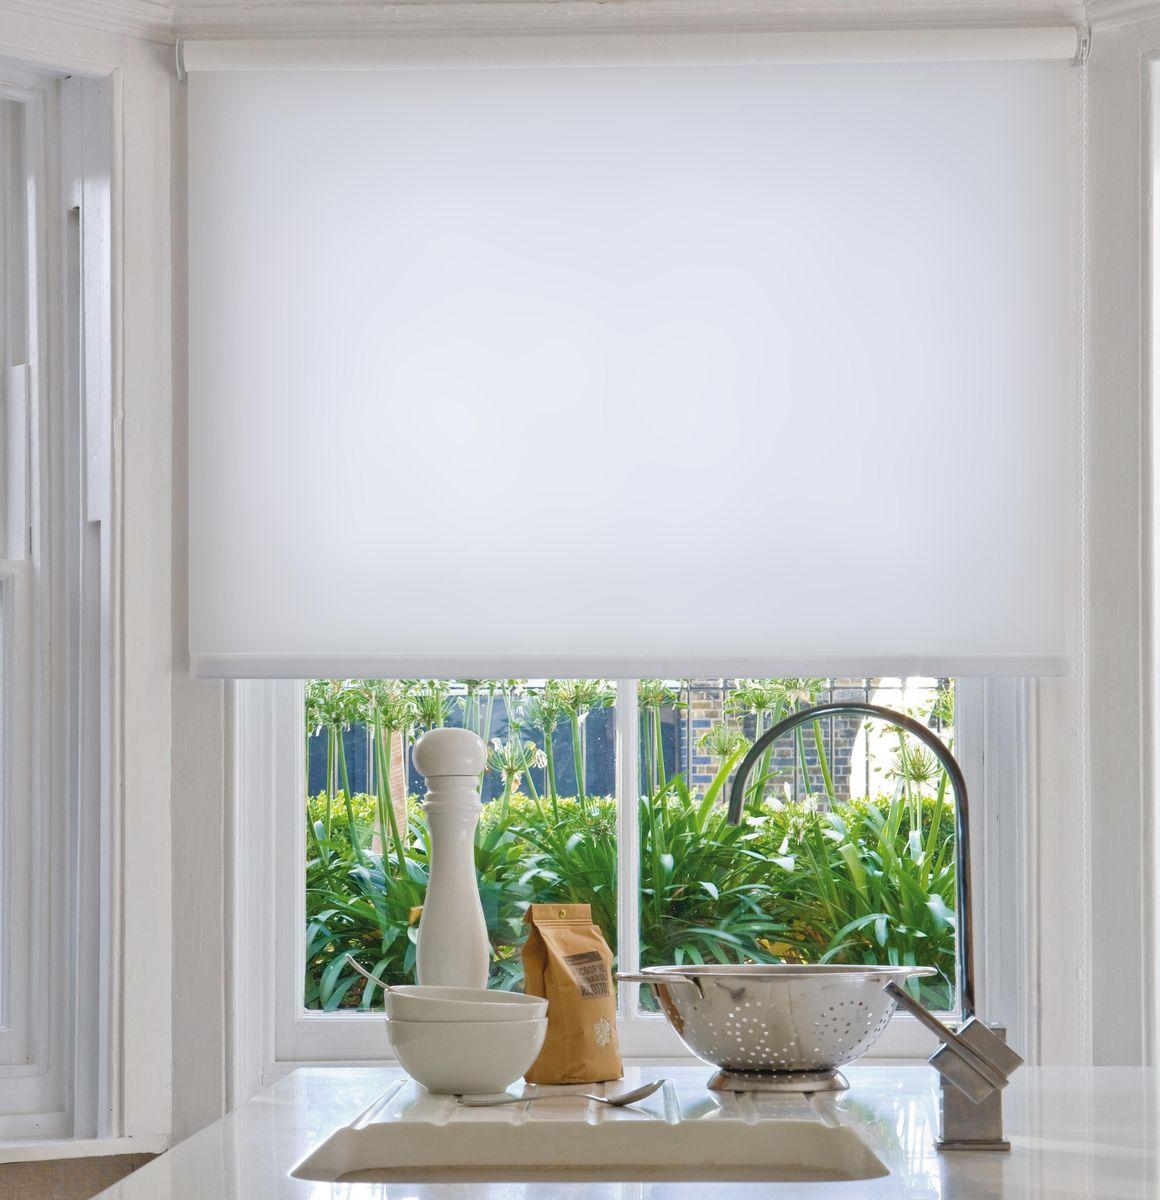 Штора рулонная Эскар Ролло. Однотонные, цвет: белый, ширина 120 см, высота 170 см8008120170Рулонными шторами Эскар можно оформлять окна как самостоятельно, так и использовать в комбинации с портьерами. Это поможет предотвратить выгорание дорогой ткани на солнце и соединит функционал рулонных с красотой навесных.Преимущества применения рулонных штор для пластиковых окон:- имеют прекрасный внешний вид: многообразие и фактурность материала изделия отлично смотрятся в любом интерьере; - многофункциональны: есть возможность подобрать шторы способные эффективно защитить комнату от солнца, при этом она не будет слишком темной; - есть возможность осуществить быстрый монтаж. ВНИМАНИЕ! Размеры ширины изделия указаны по ширине ткани! Ширина крепежа 3,5 смВо время эксплуатации не рекомендуется полностью разматывать рулон, чтобы не оторвать ткань от намоточного вала.В случае загрязнения поверхности ткани, чистку шторы проводят одним из способов, в зависимости от типа загрязнения: легкое поверхностное загрязнение можно удалить при помощи канцелярского ластика; чистка от пыли производится сухим методом при помощи пылесоса с мягкой щеткой-насадкой; для удаления пятна используйте мягкую губку с пенообразующим неагрессивным моющим средством или пятновыводитель на натуральной основе (нельзя применять растворители).